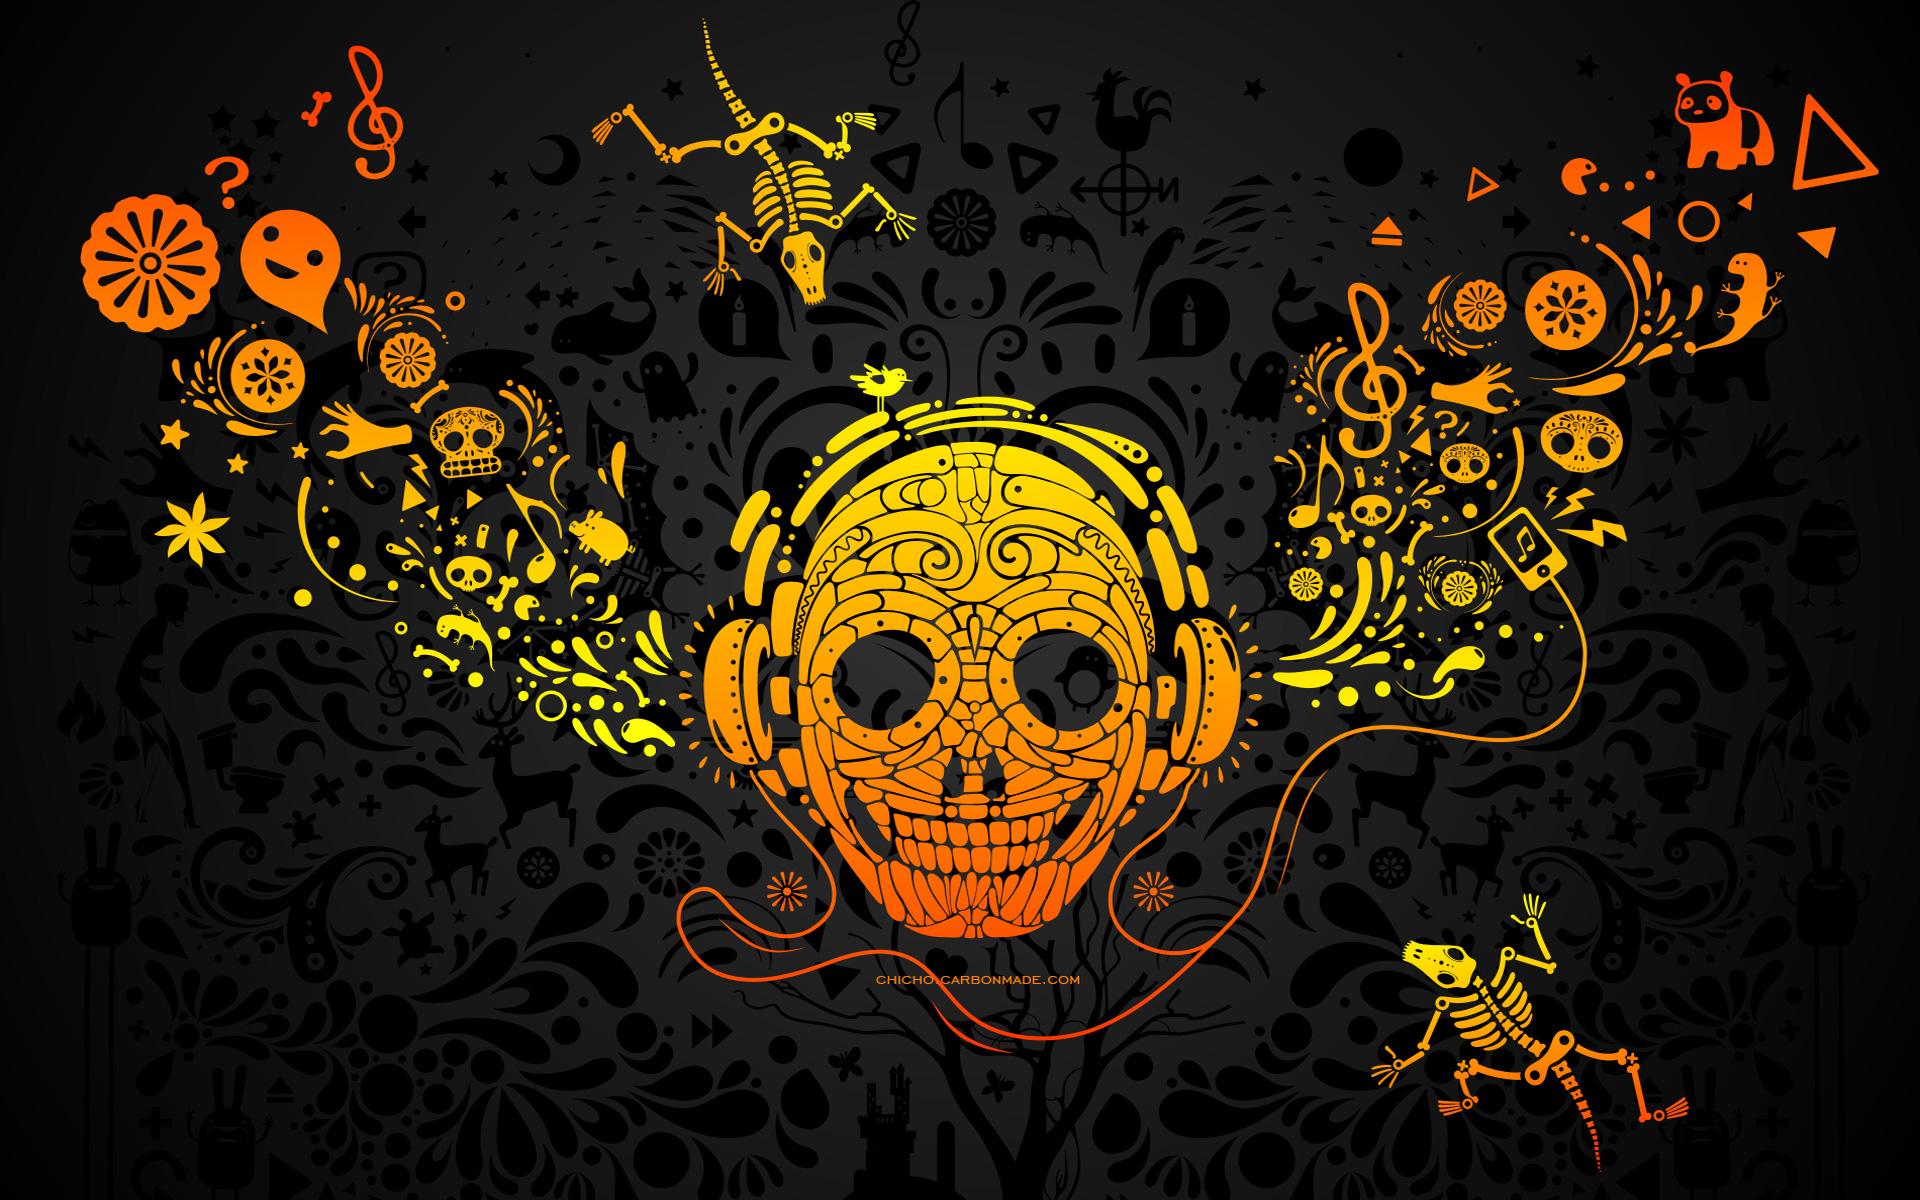 rock wallpapers skull